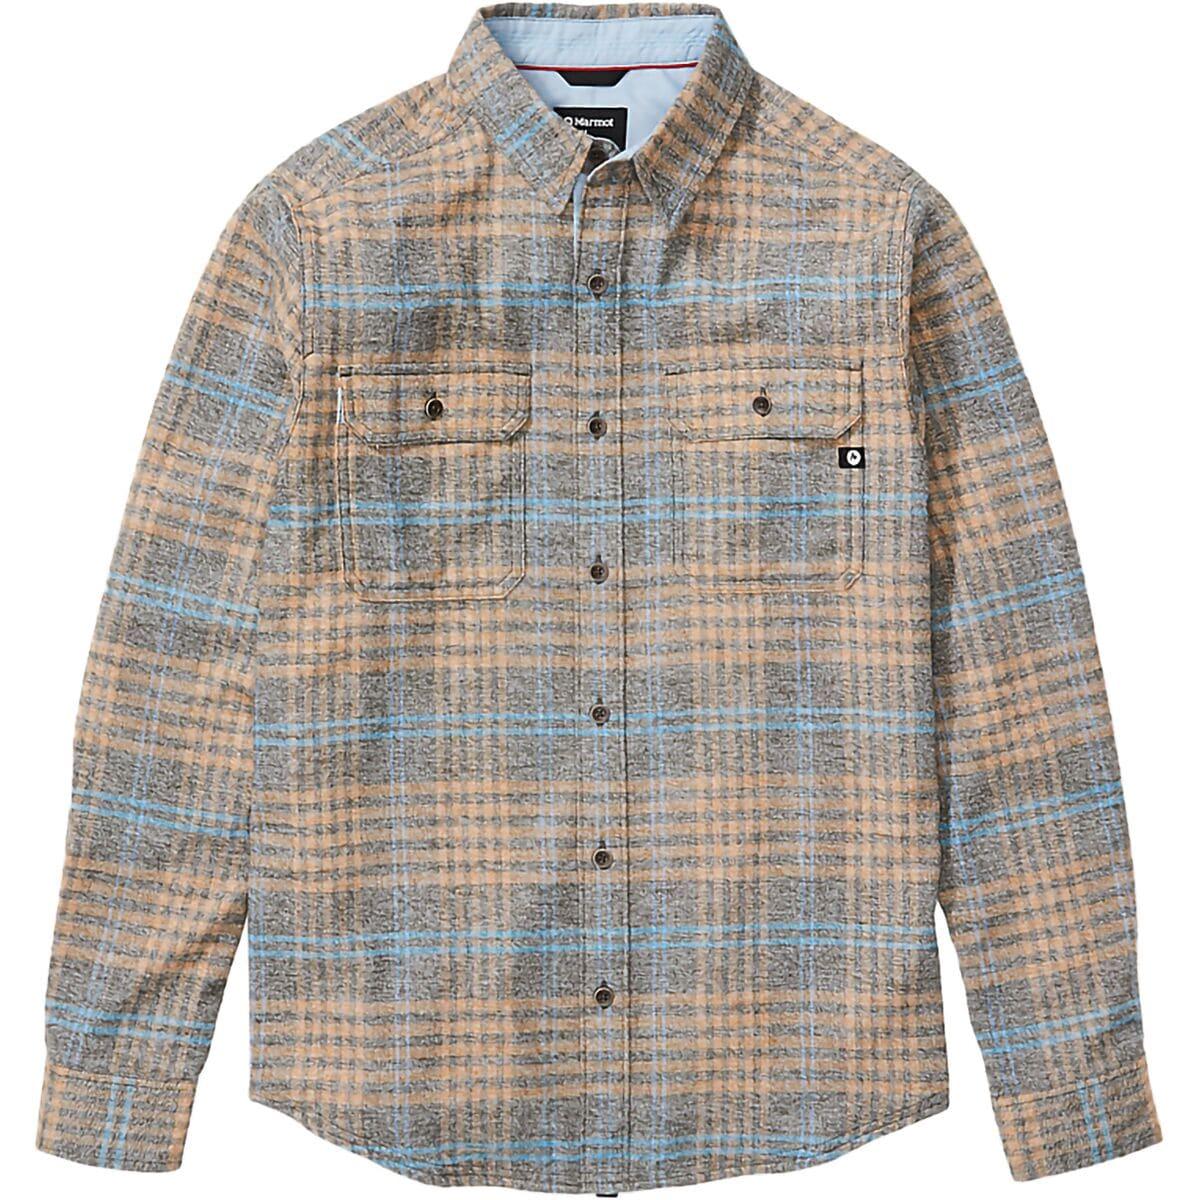 con Protezione UV Marmot Jasper Midweight Flannel LS Camicia da Esterni a Maniche Lunghe da Trekking Traspirante